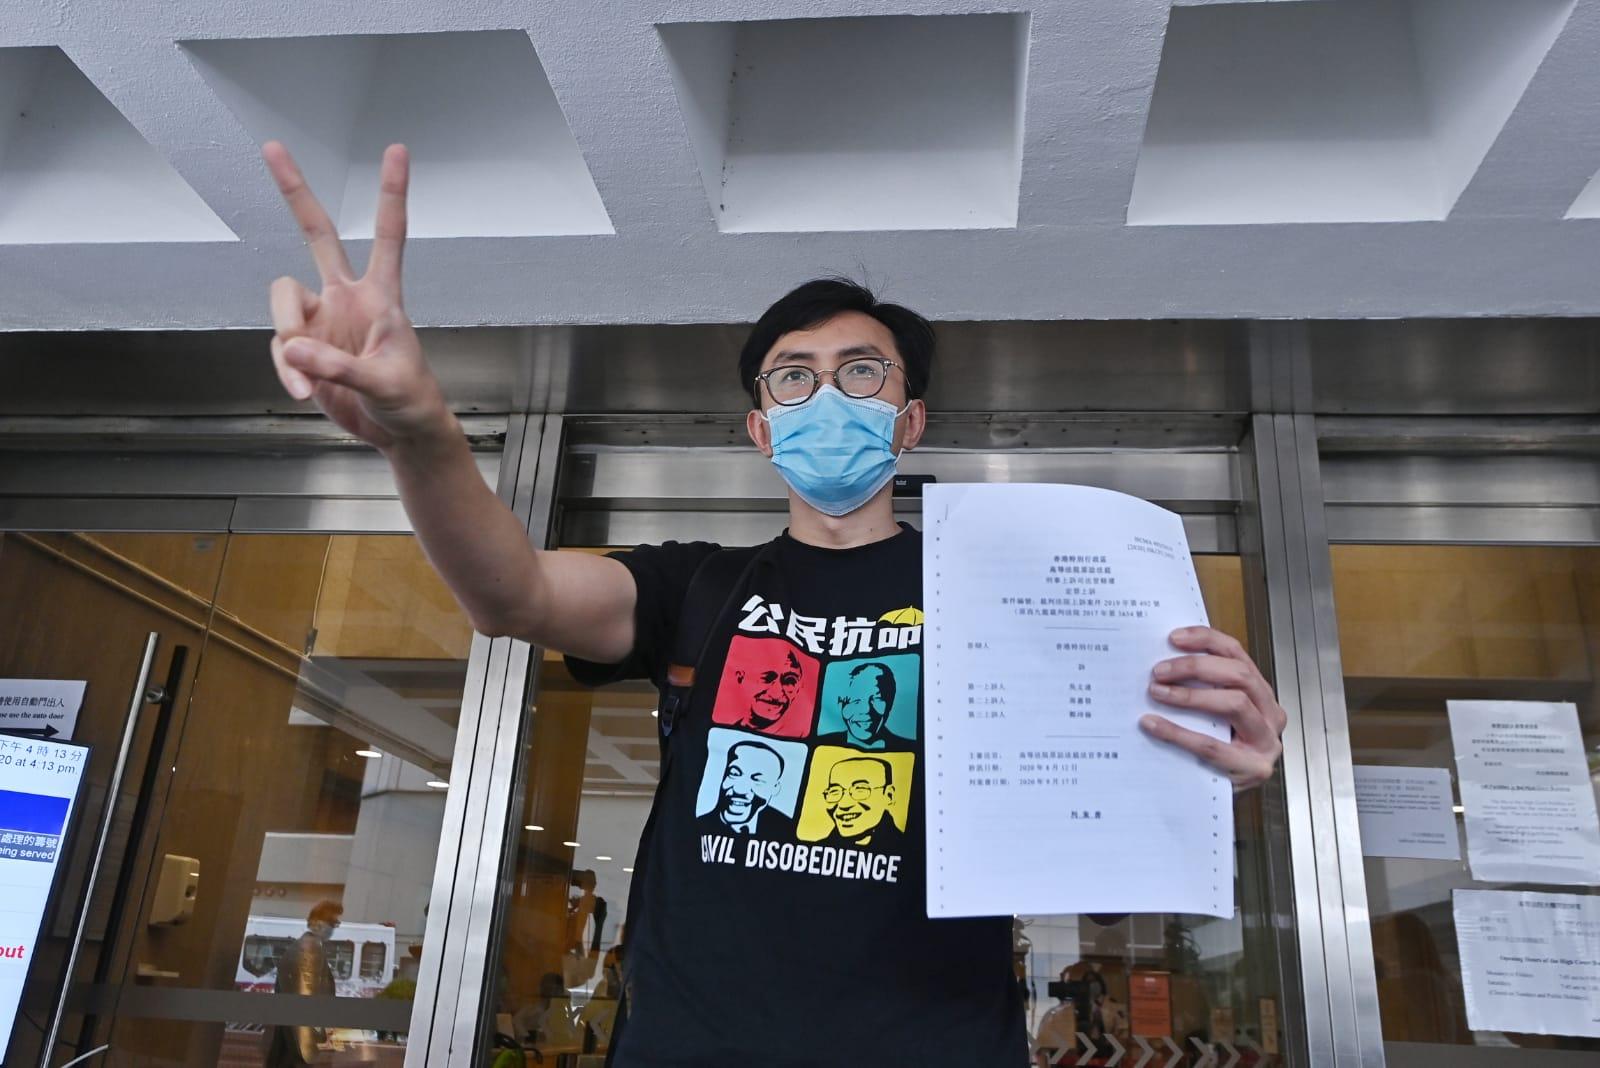 吳文遠庭後會見記者,手舉V字表示「勝利」,他說,「我以『勝利』的姿態來接受這一輸了的裁決」。(霄龍 / 大紀元)